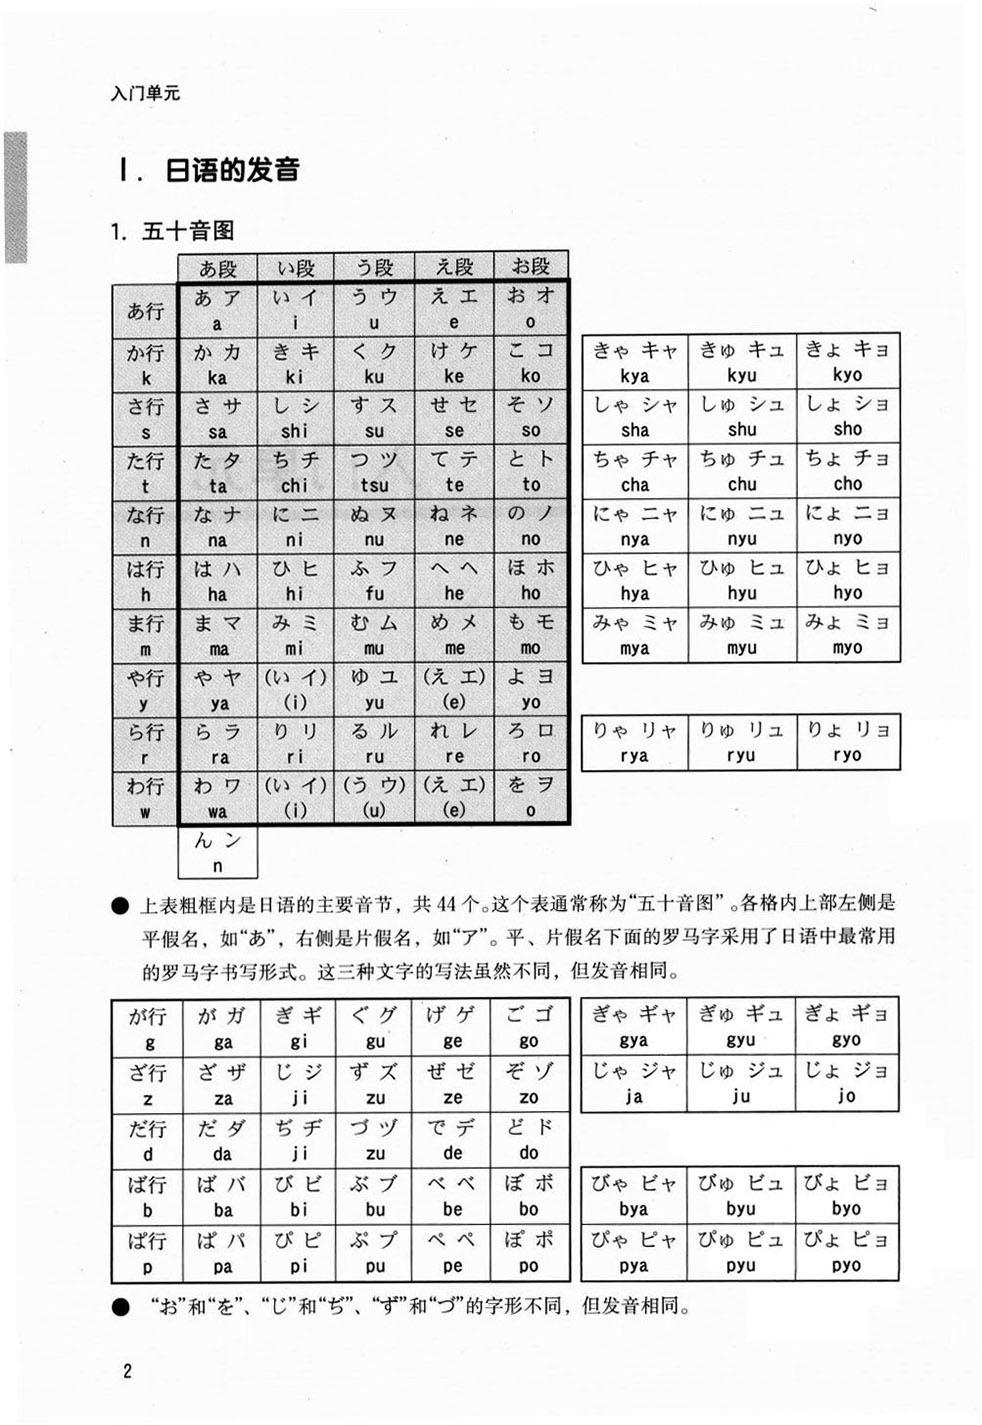 日语平片假名_日语片假名平假名_日语平假名和片假名_日语